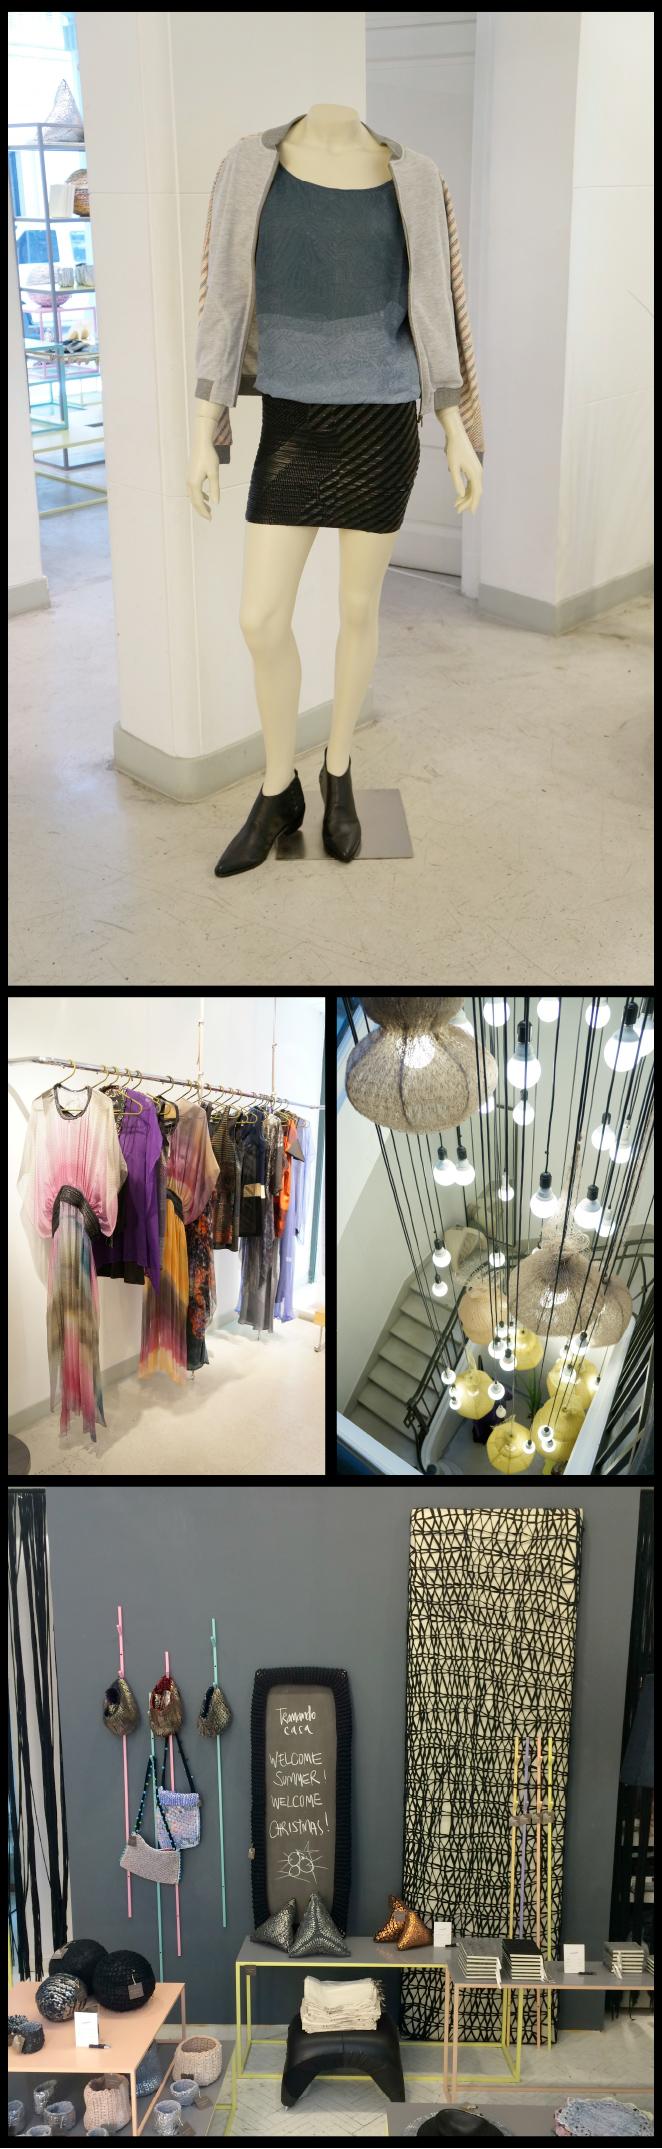 Más vanguardista es la tienda Tramando, creada por el diseñador Martin Churba